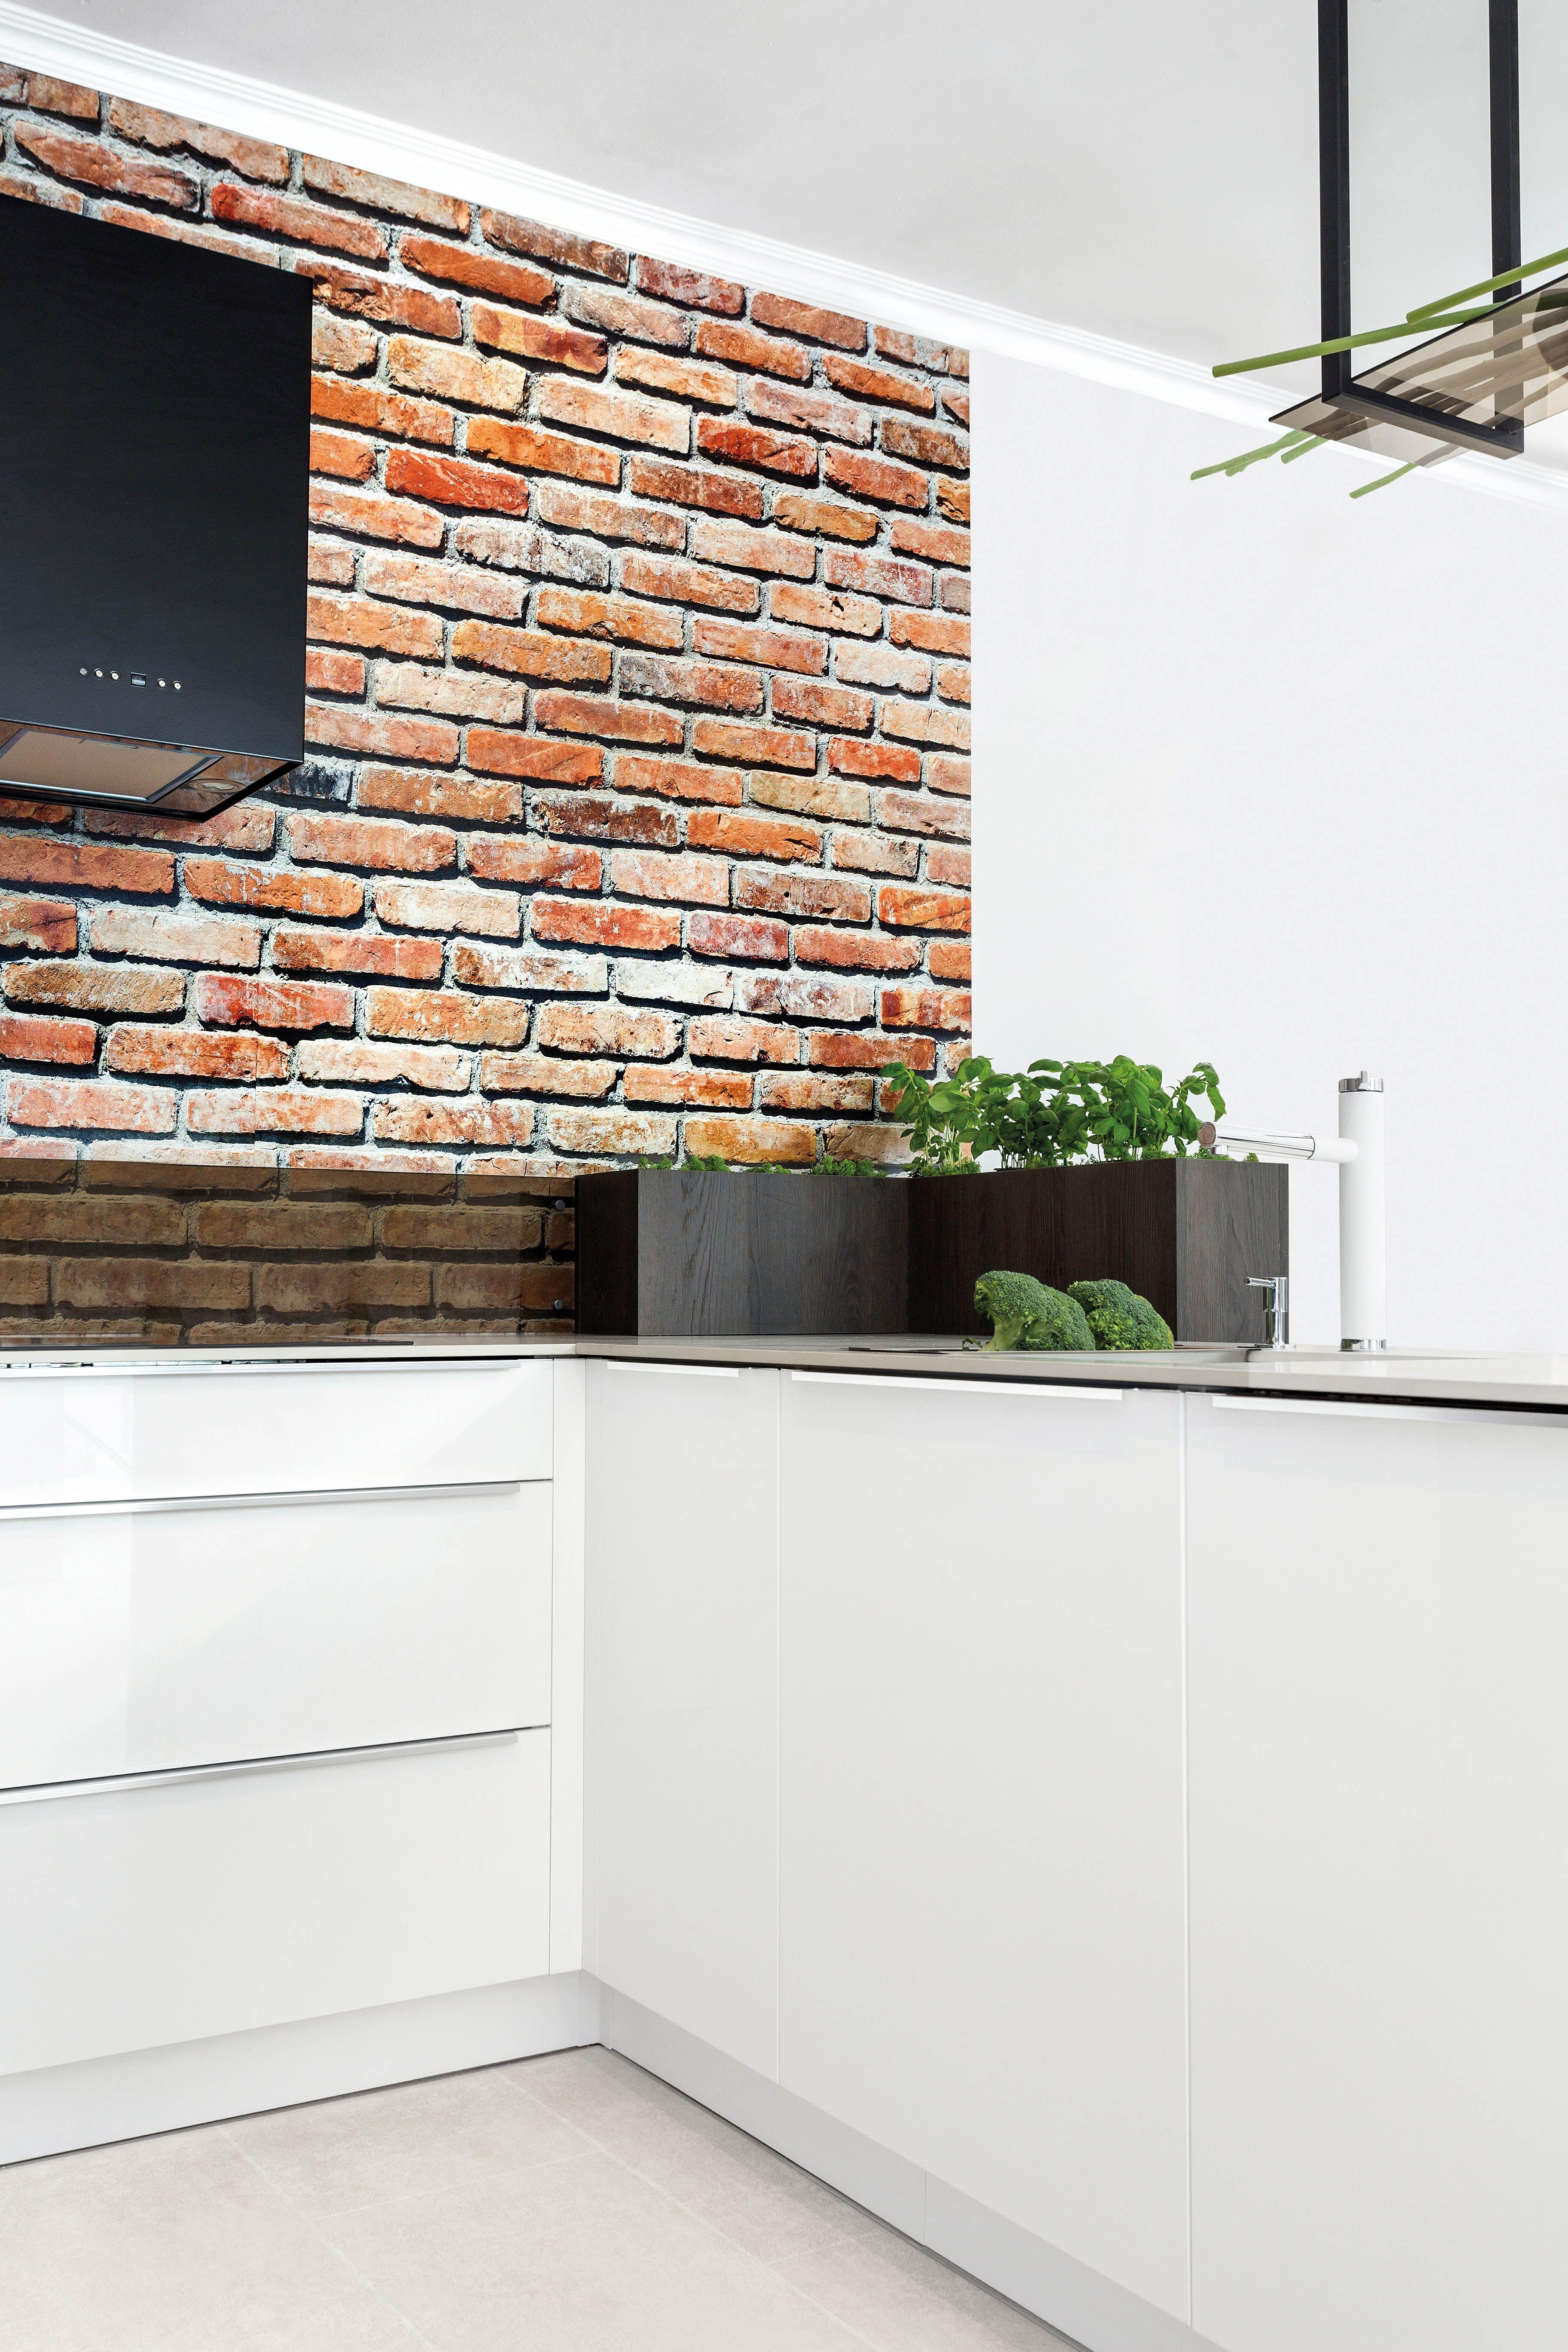 Efektowna Sciana W Cegle Sprawi Ze Biala Kuchnia Straci Swoj Sterylny Charakter Kuchnia Aranzacja Studio Inspiracje Aranzacja Des Decor Home Home Decor